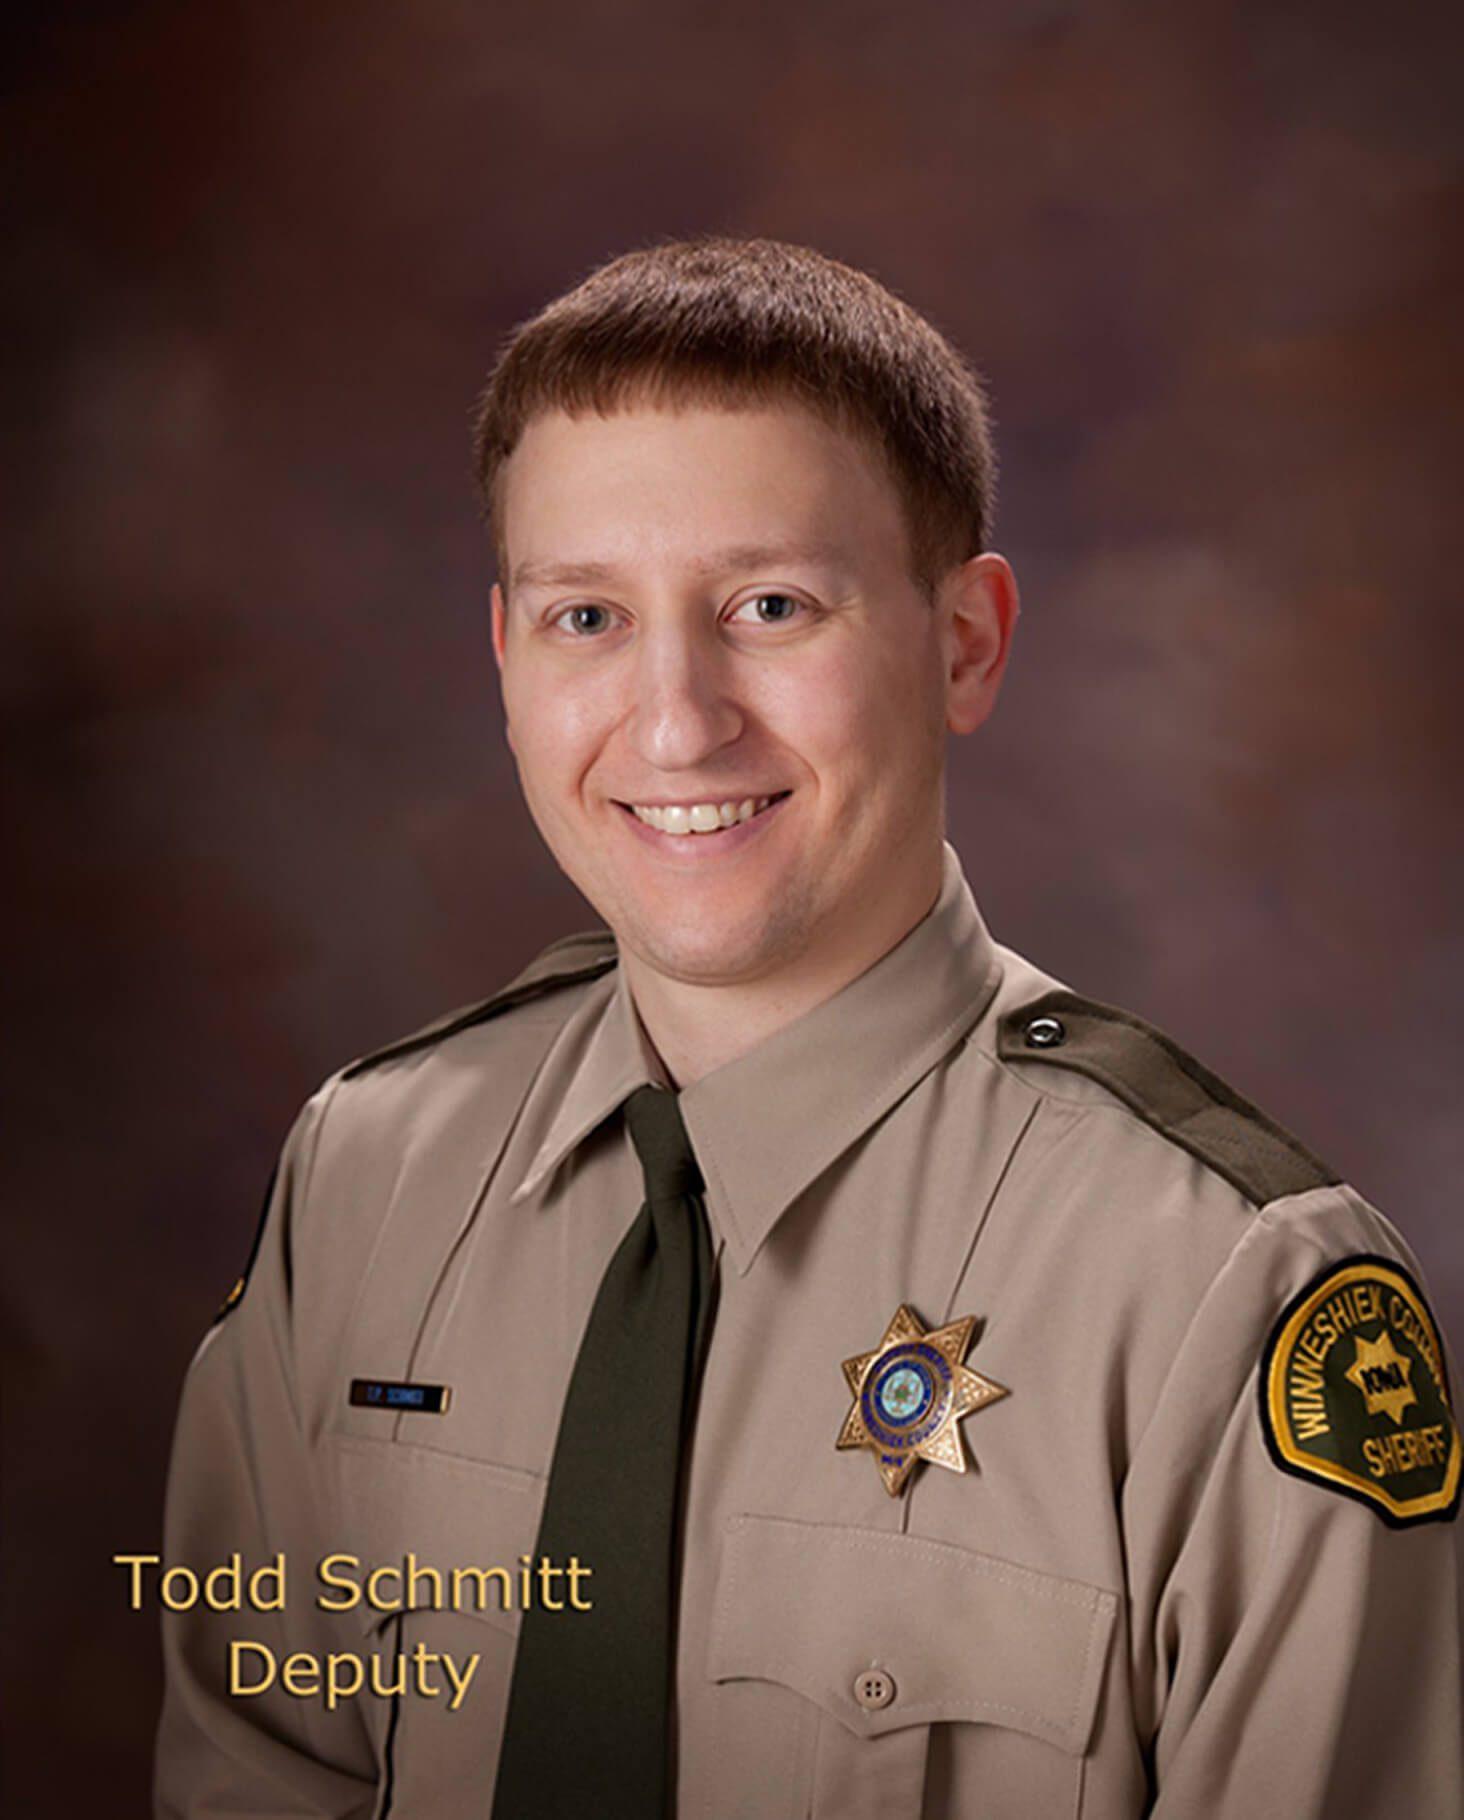 Todd Schmitt, Deputy Sheriff